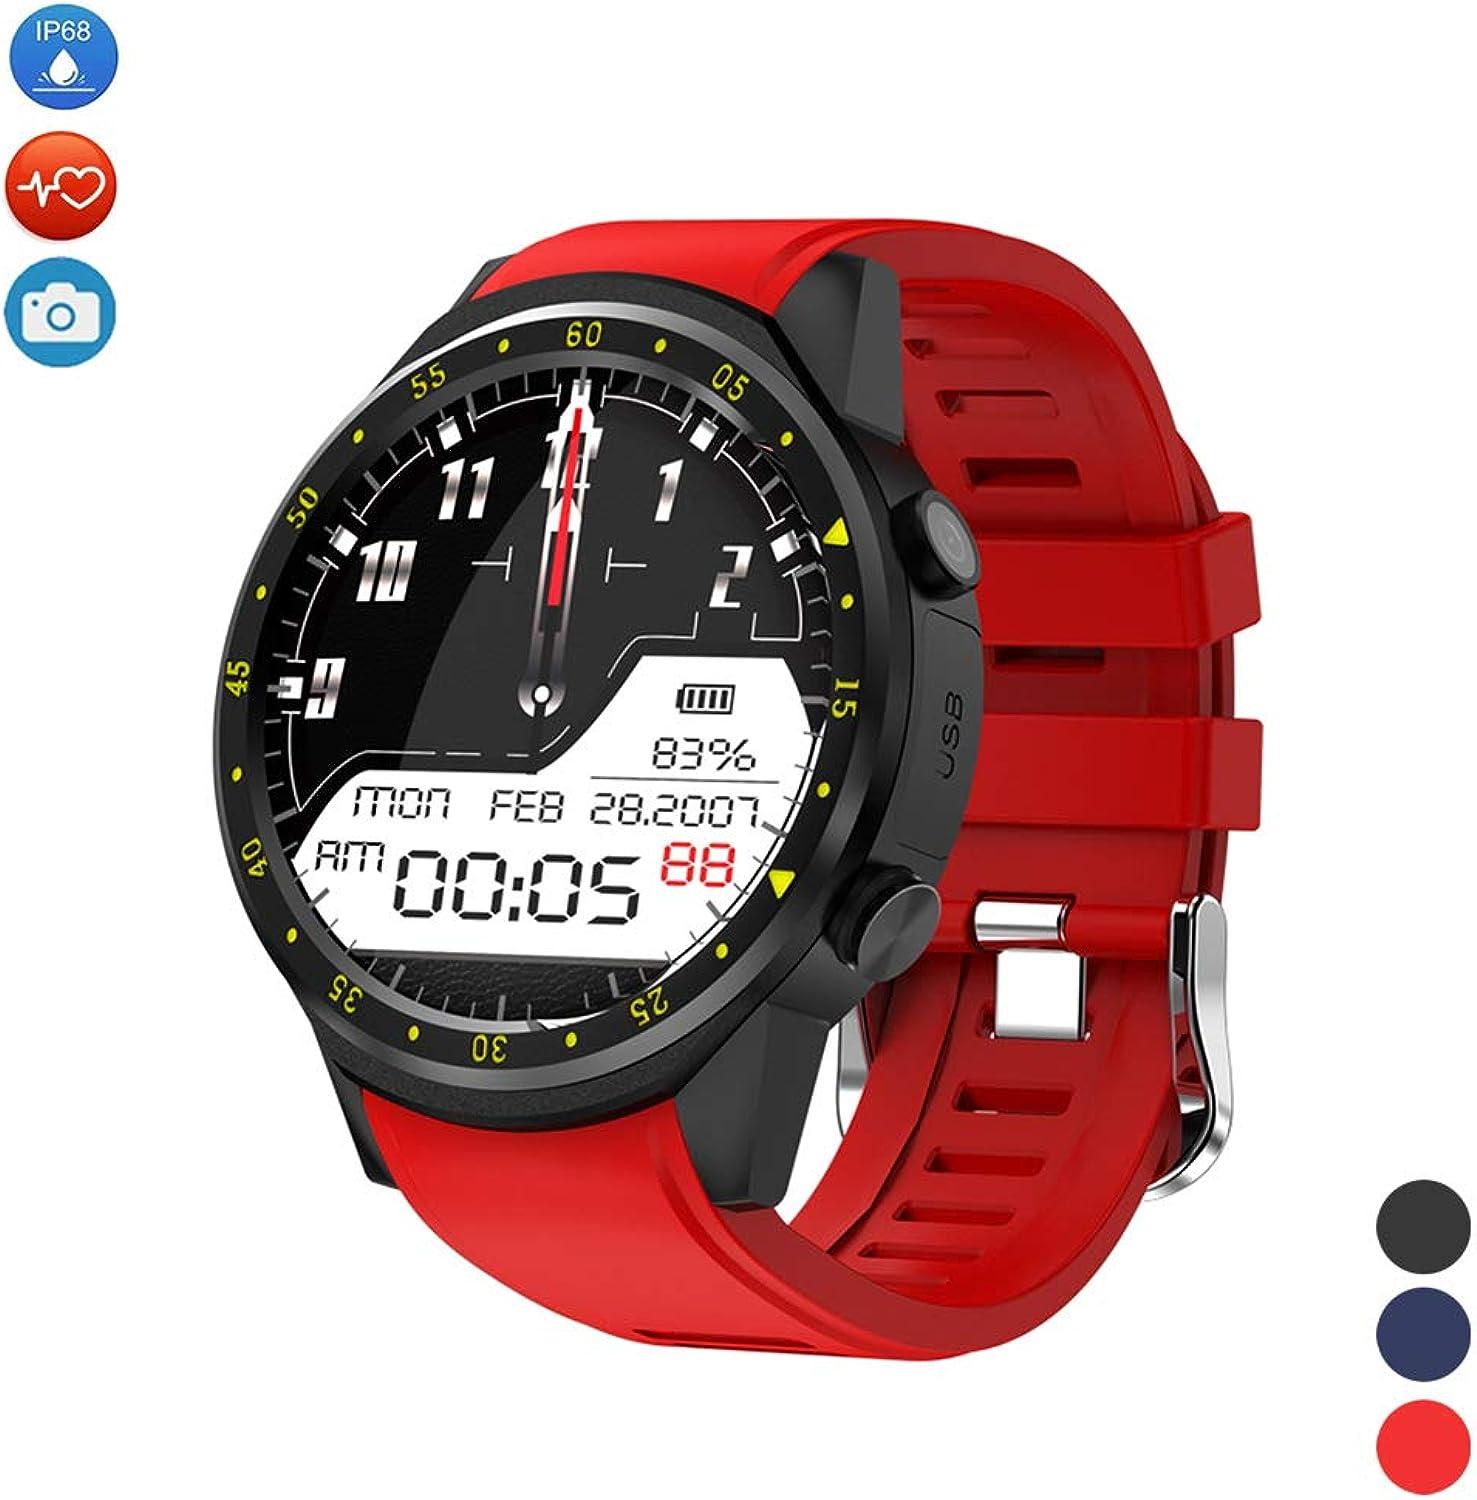 Sport Sehen Hhenmesser Handgelenk Sehen Mit Herz Bewertung Sensor (Android Wear, GPS) Herz Bewertung Hhe Temperatur überwachung Sport Sehen, Unterstützung SIM Karte,